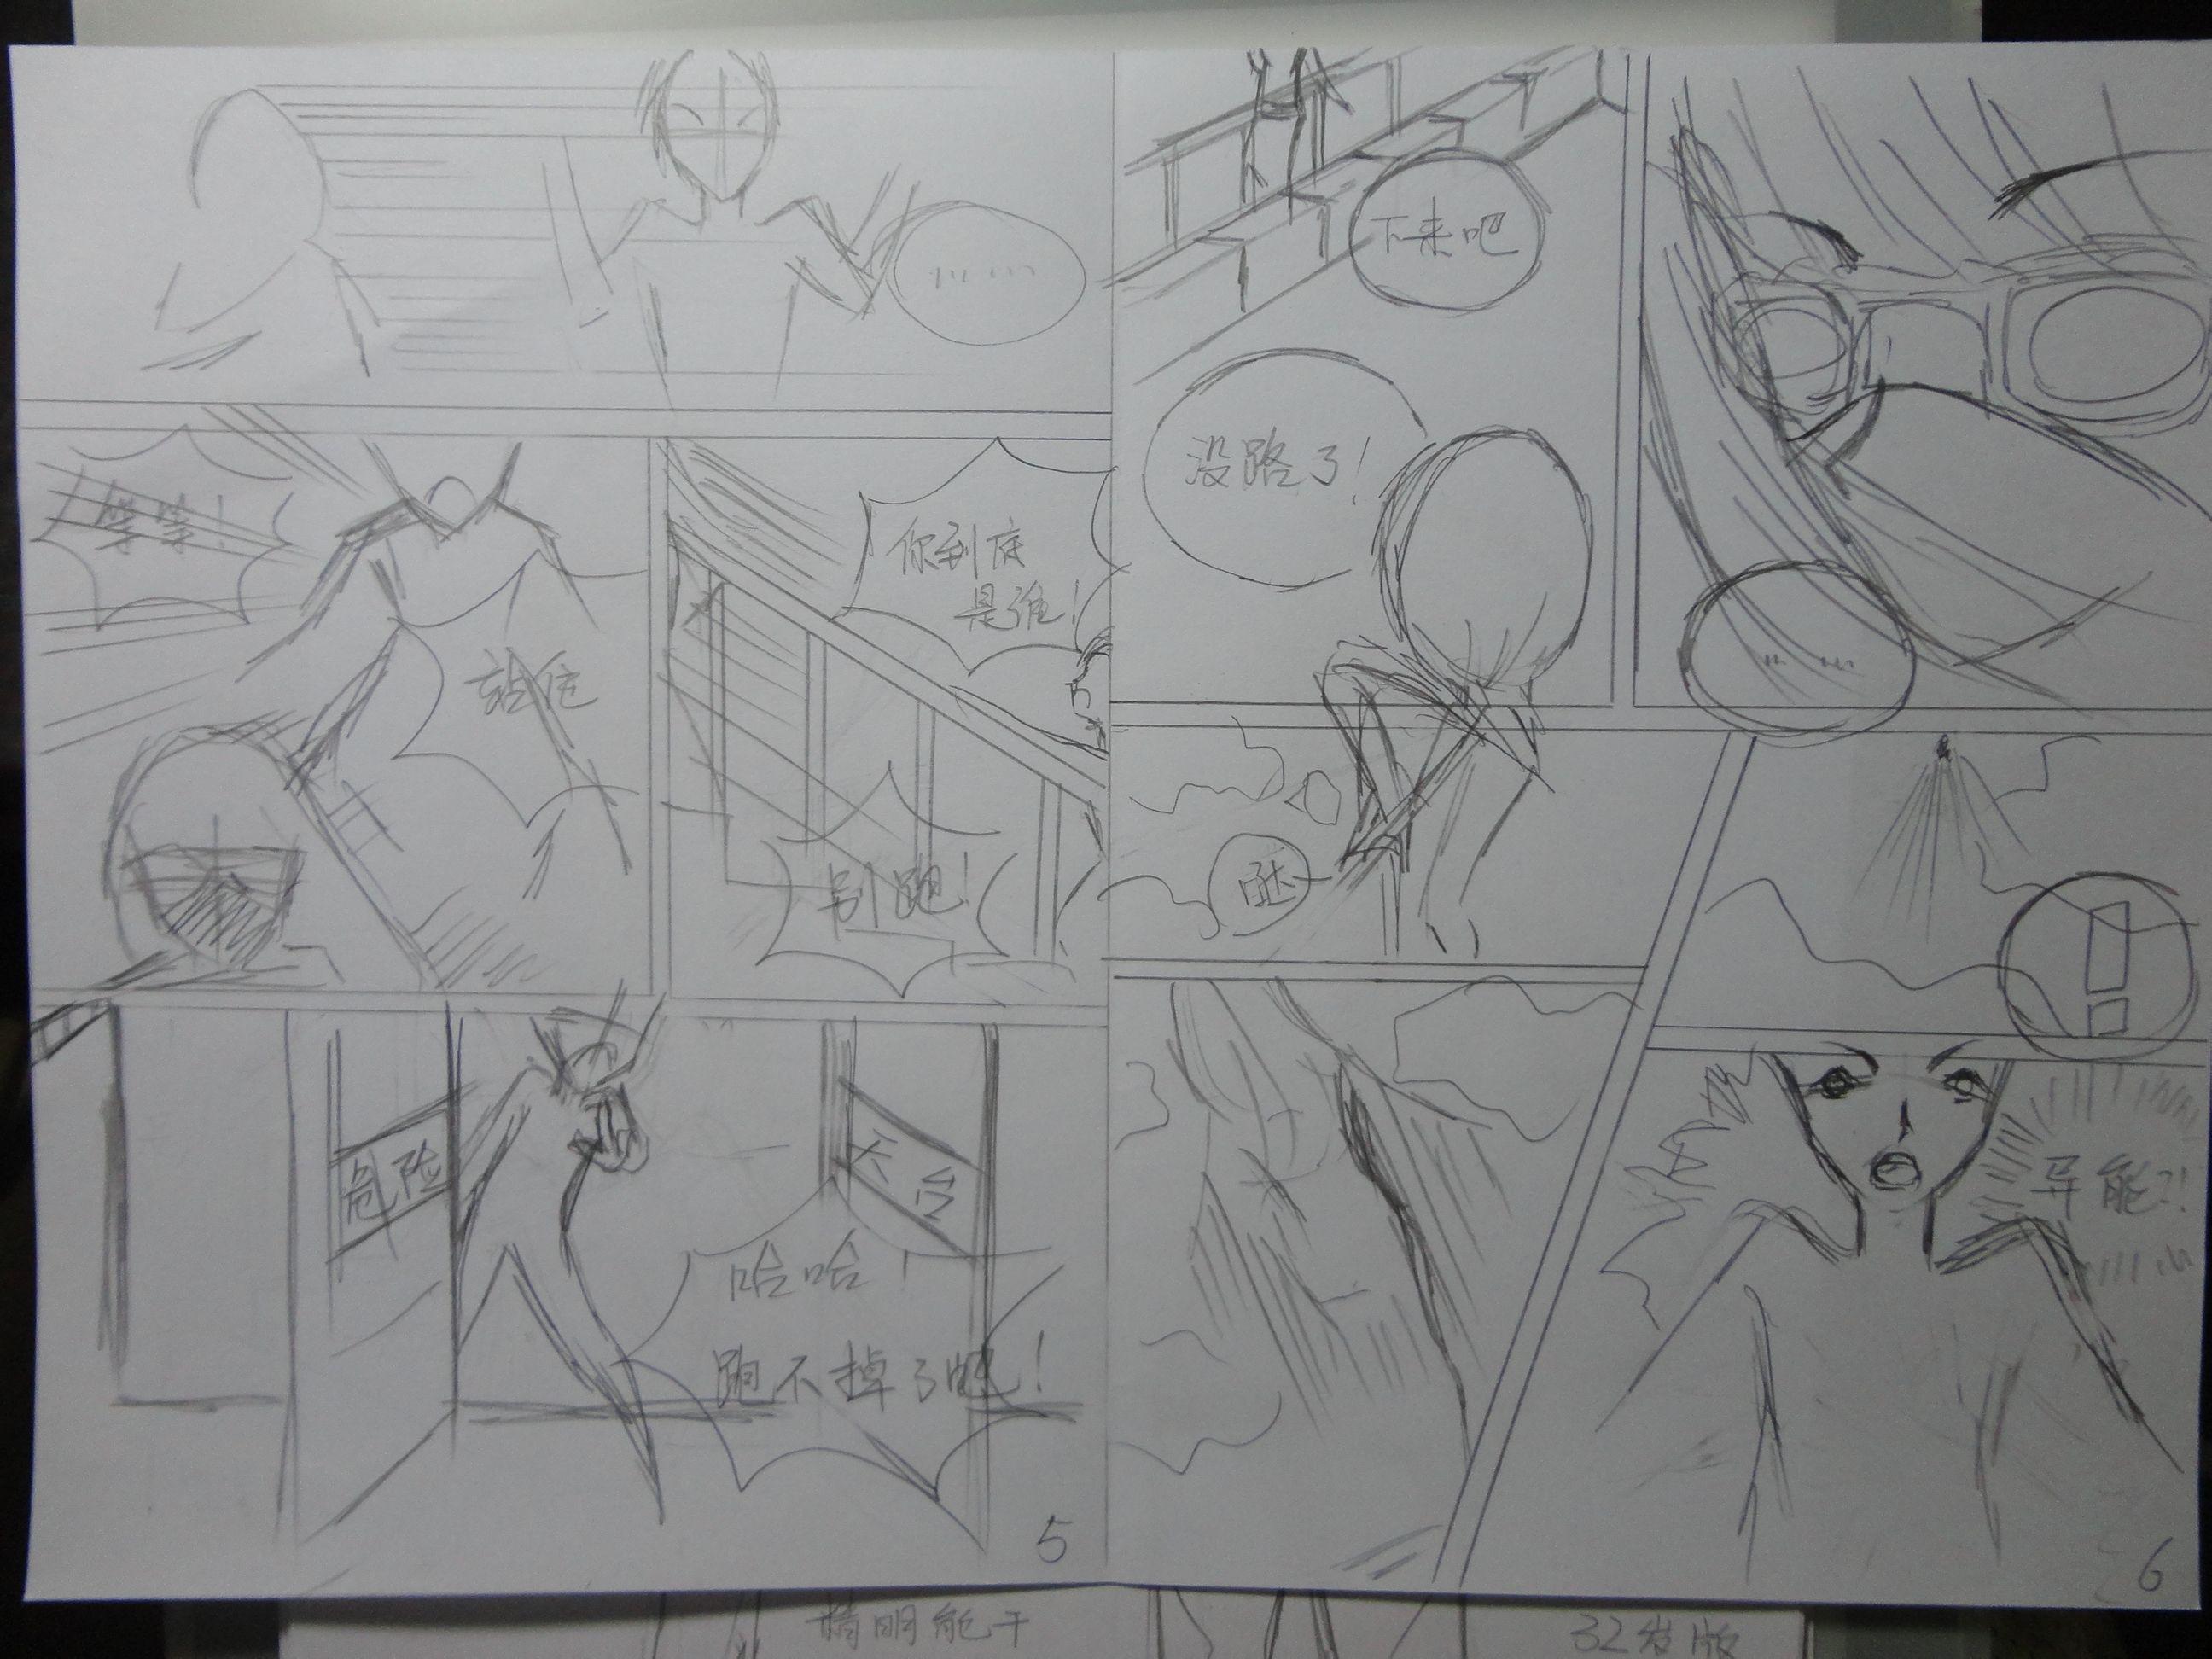 如何画好漫画分镜?人物衣服,头饰,鞋?背景?有图吗?